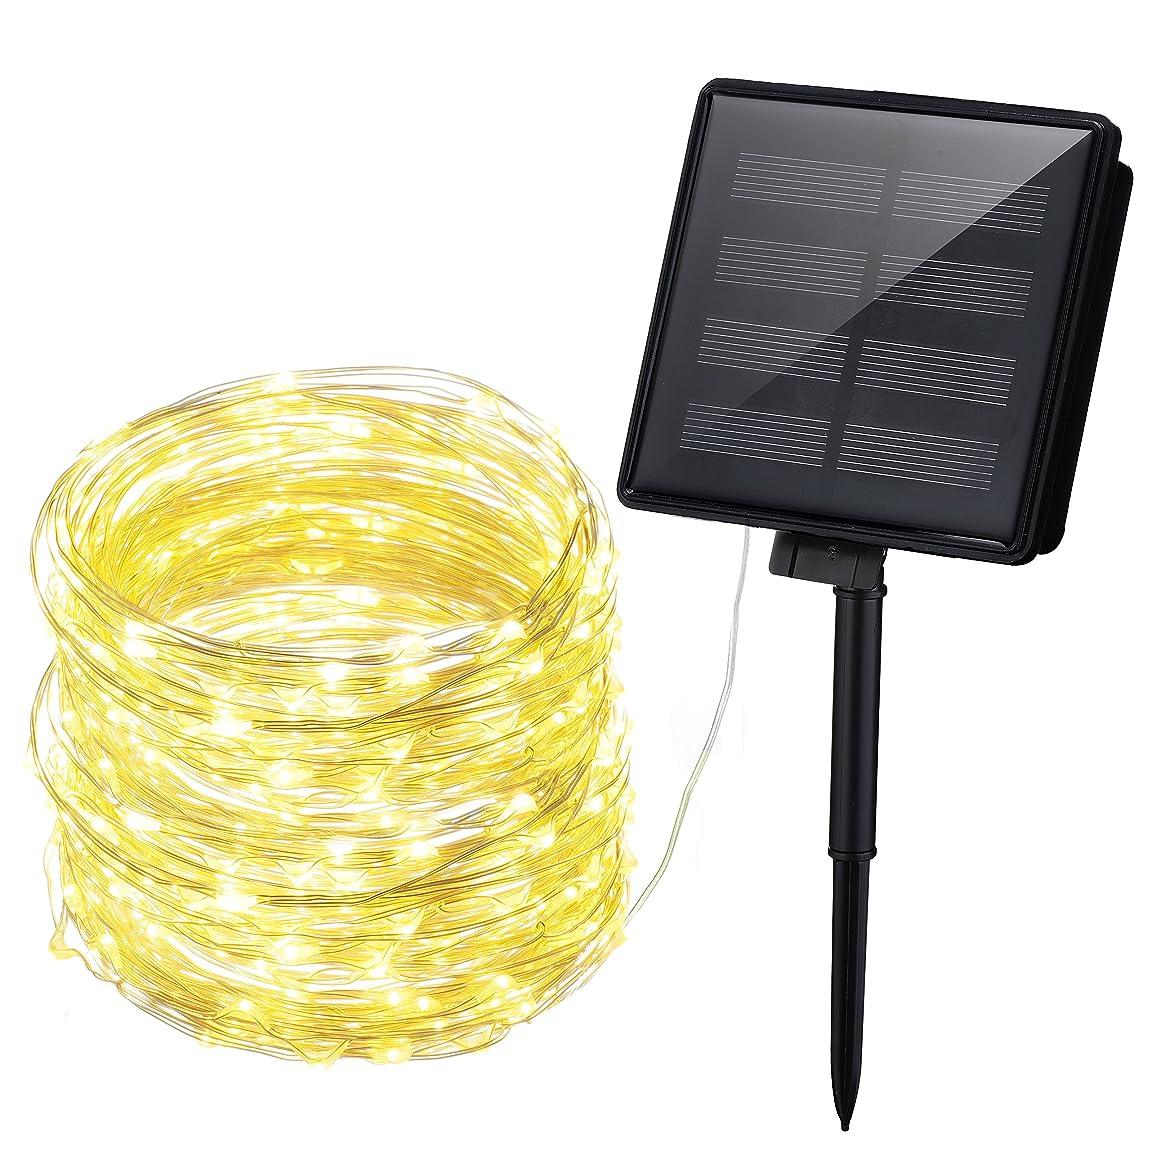 クリスマスありそう頑張るMpow ストリングライト ソーラー充電式 200led電球 20m 8点灯モード イルミネーションライト IP64防水 電飾 飾り パーティー アウトドア 結婚式対応